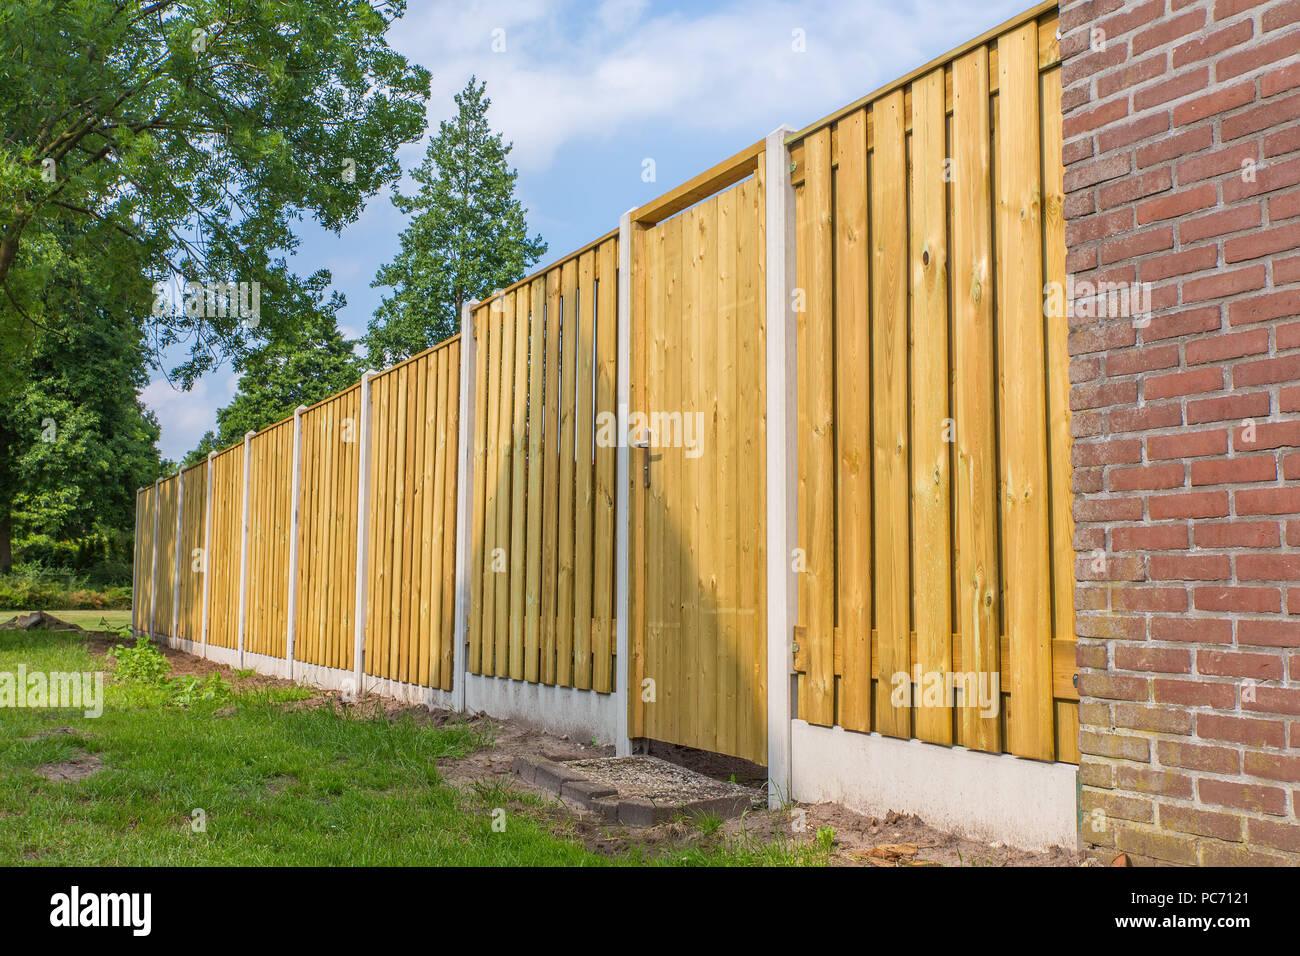 Neue Holzzaun Bauen Mit Stein Mauer Und Baume Stockfoto